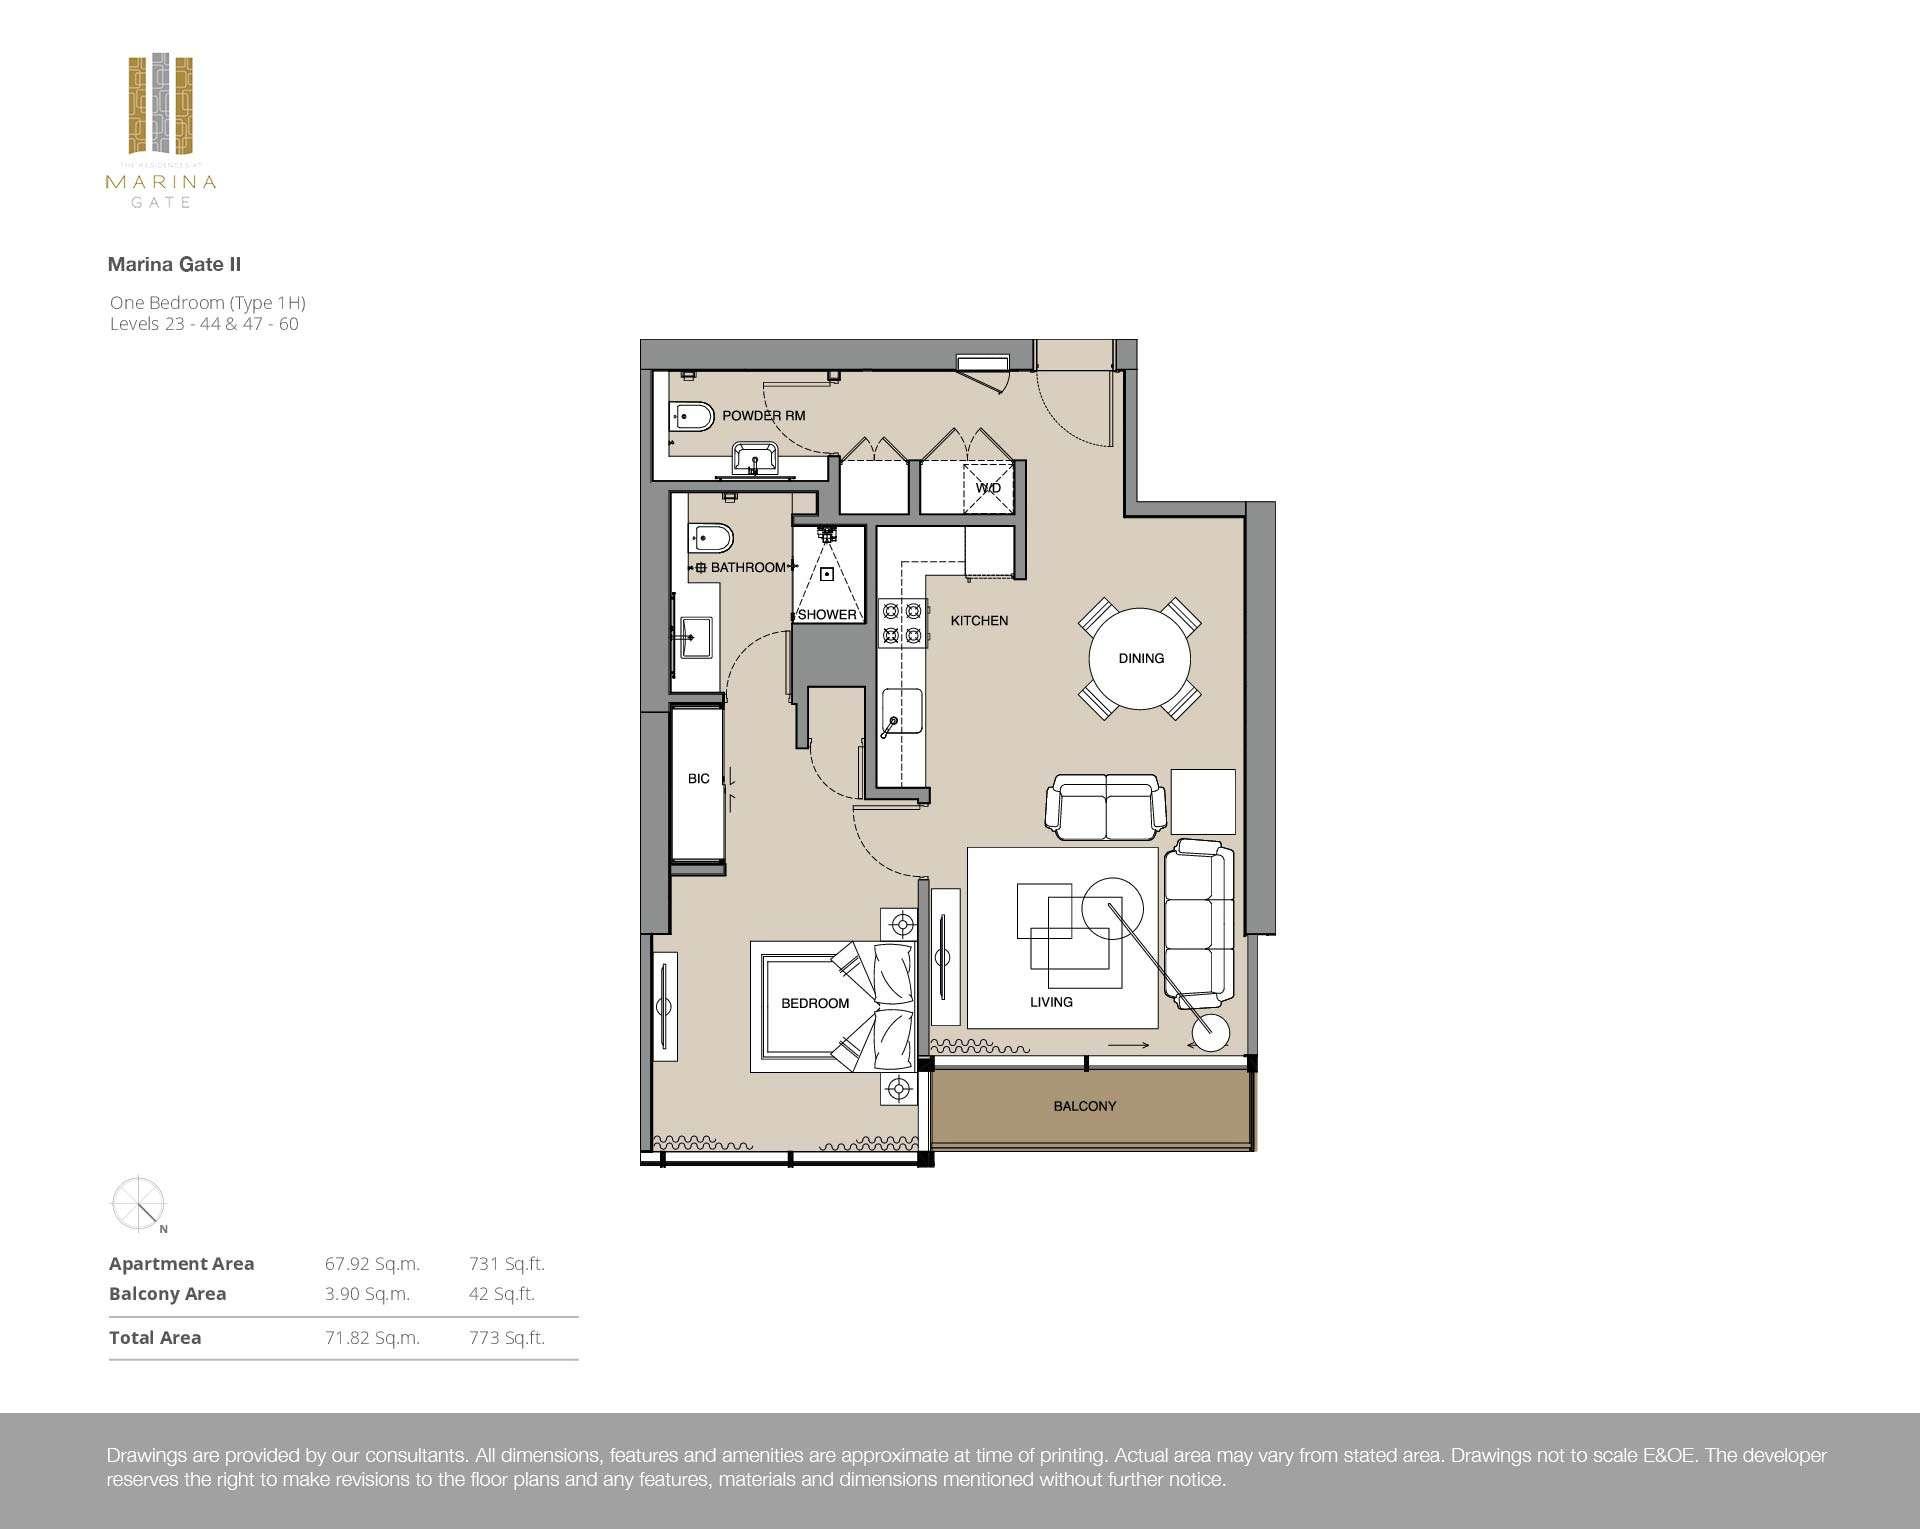 1-Bedroom Stockwerke 23-44 und 47-60 (Typ 1H)